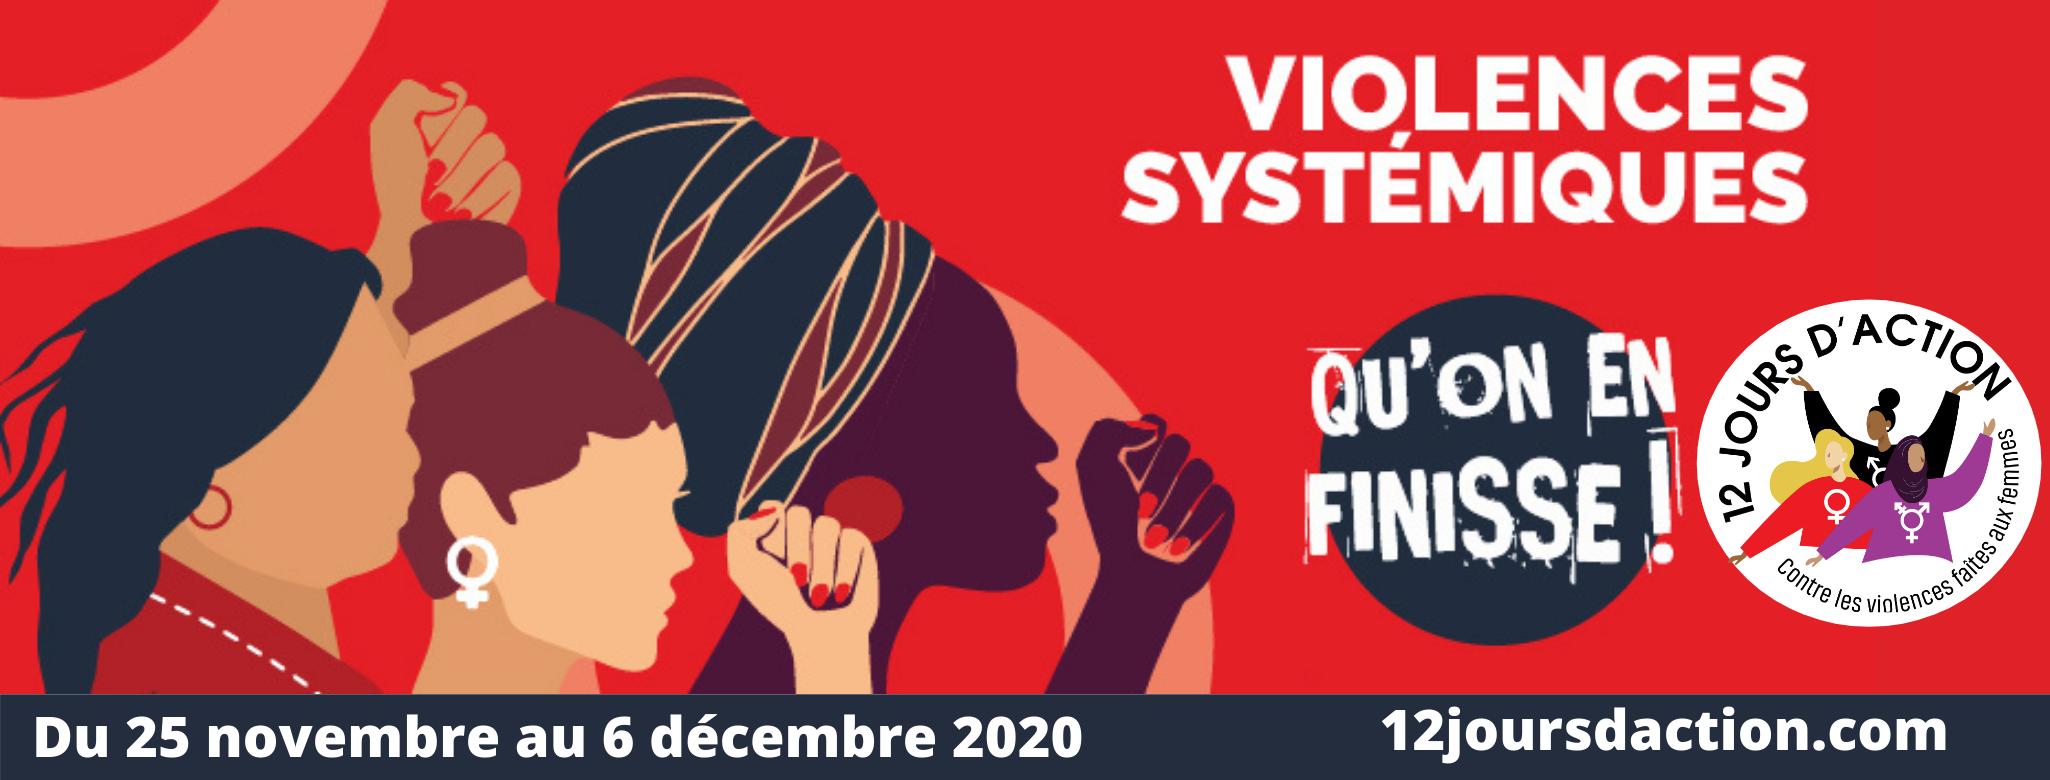 Lancement de la campagne des 12 jours d'action contre les violences faites aux femmes